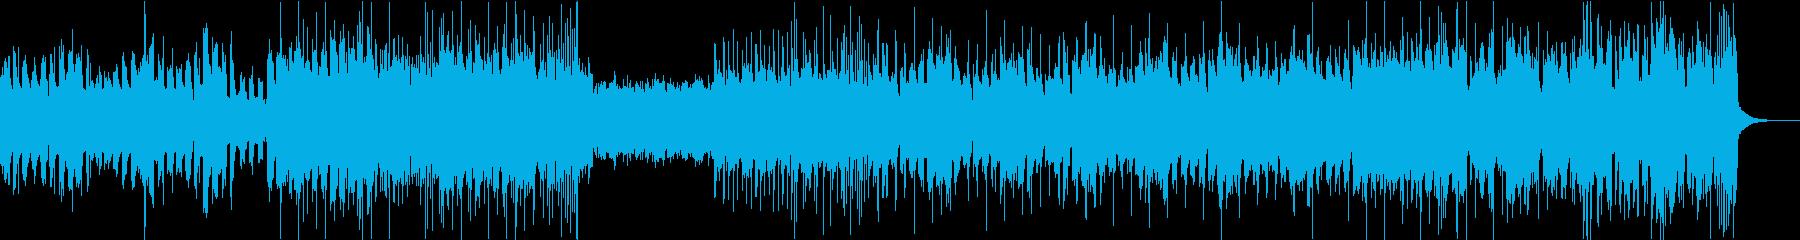 ドラマチックチップチューン【ファミコン】の再生済みの波形